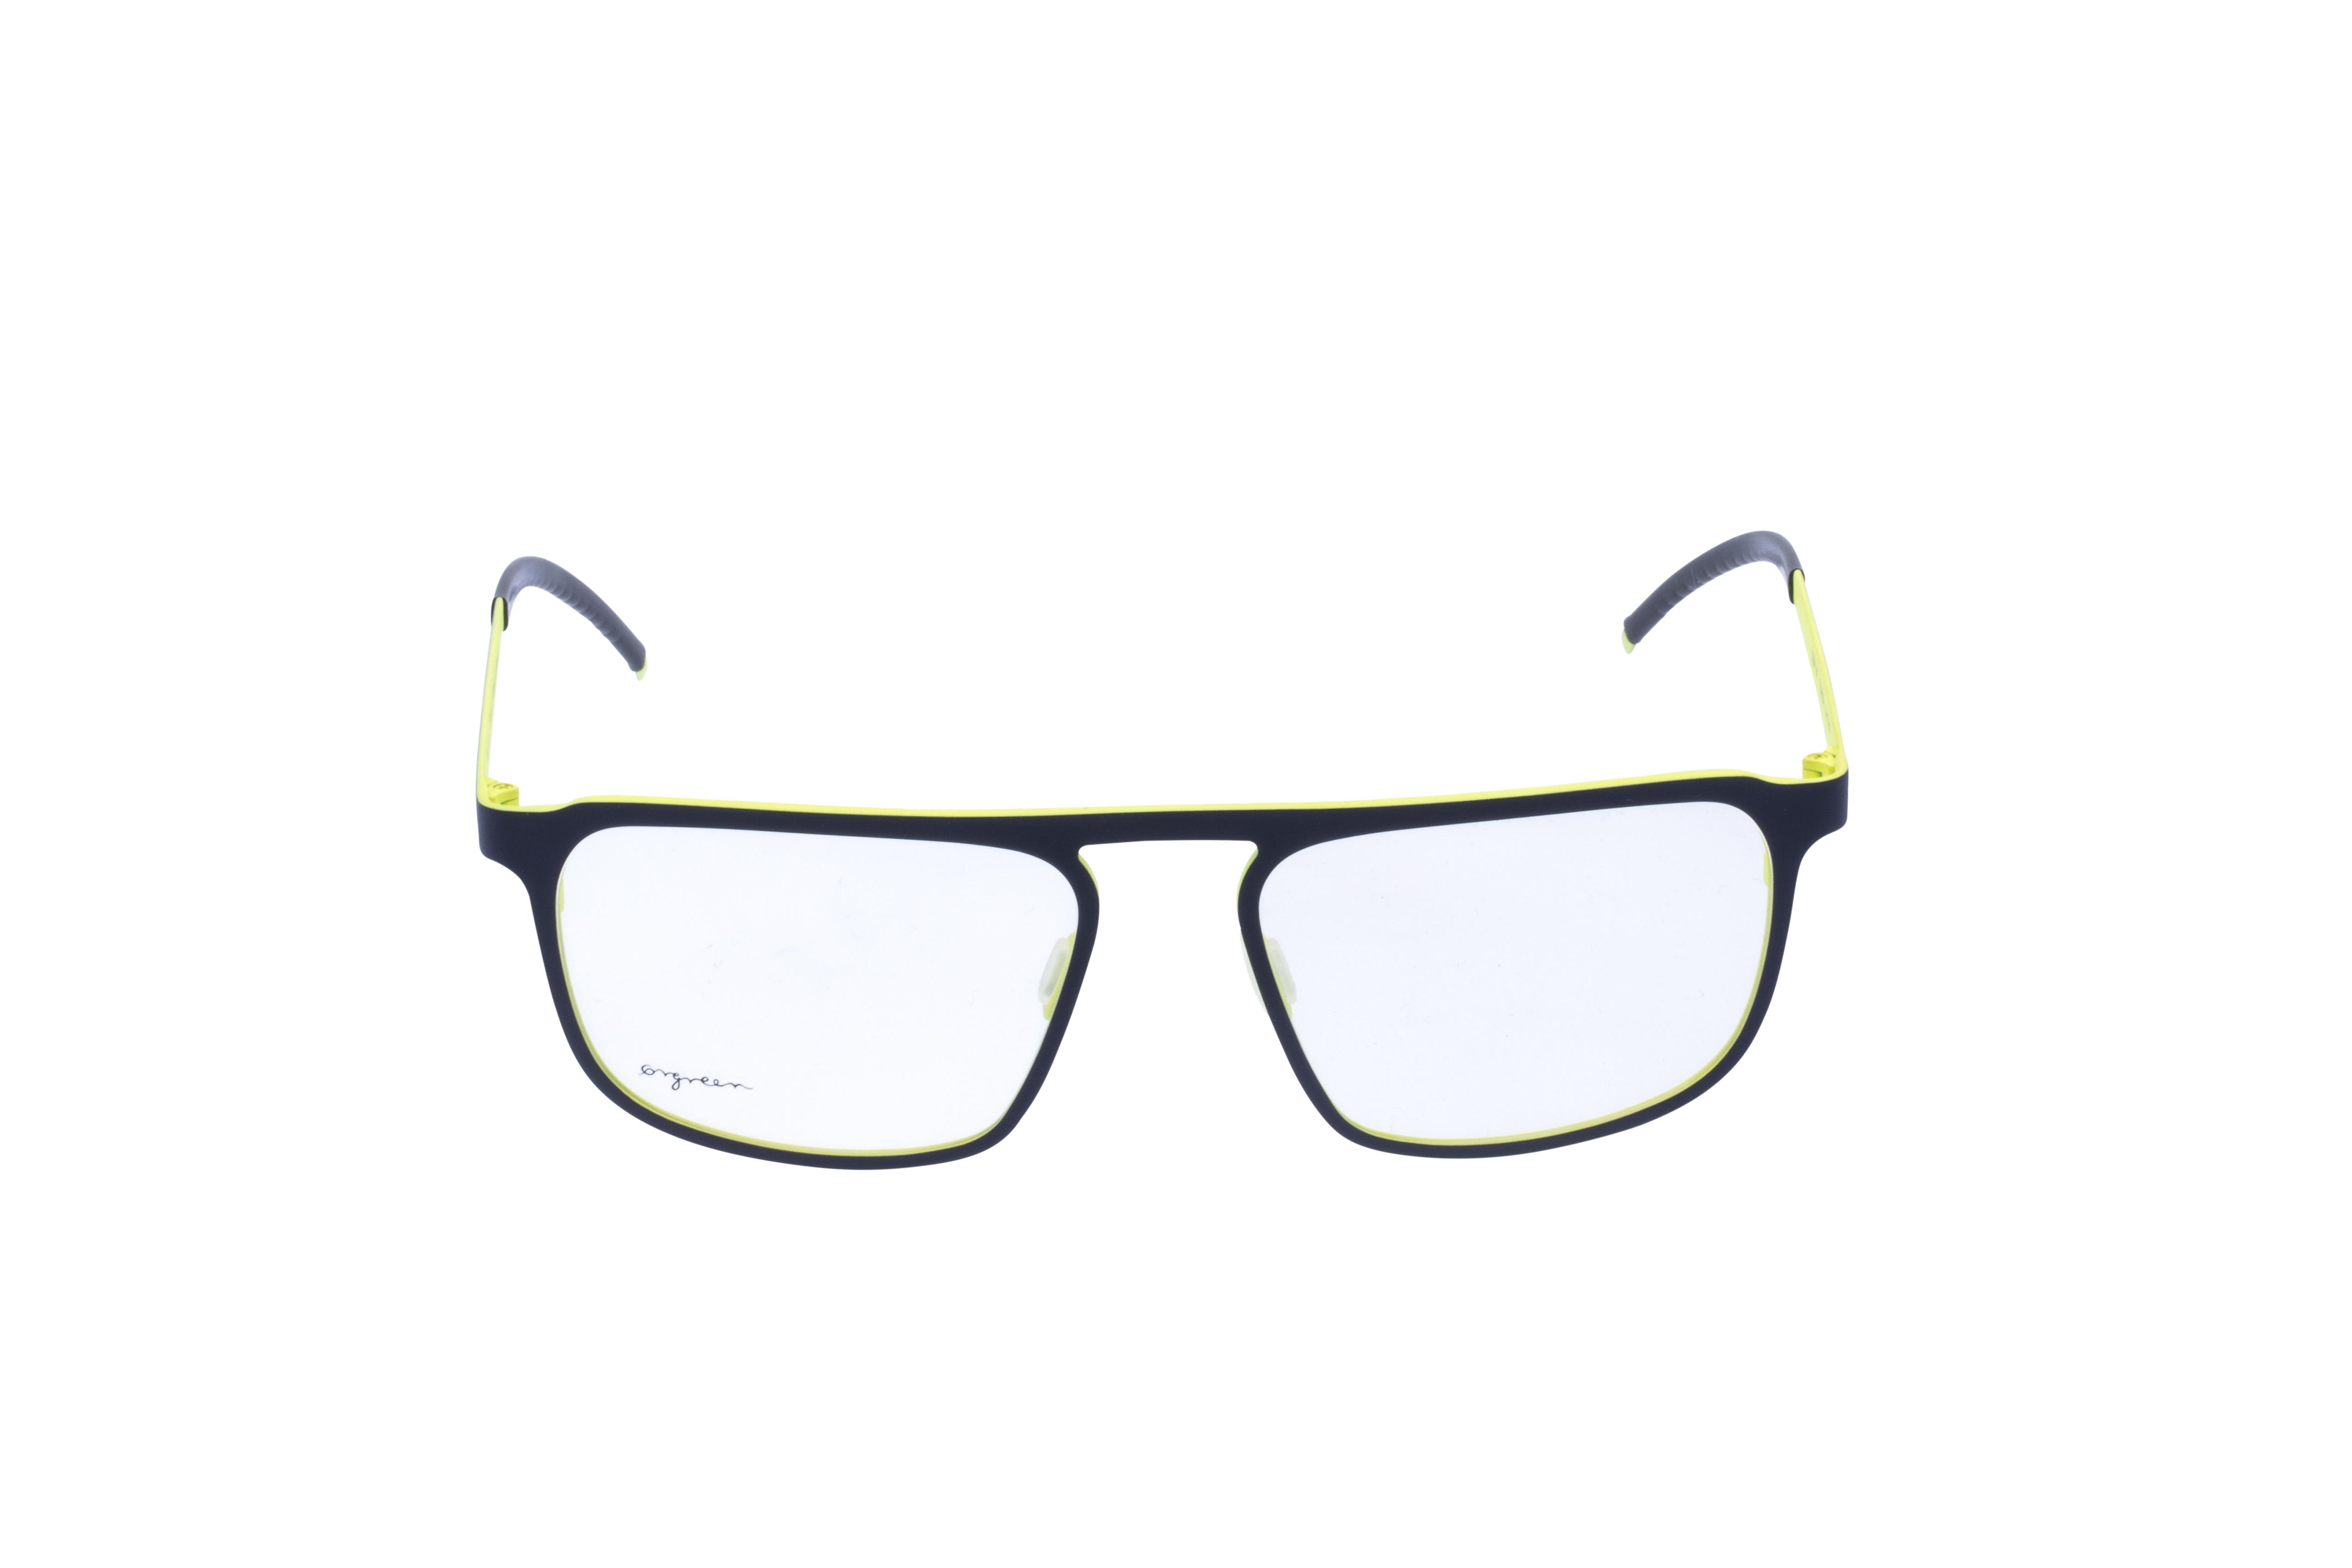 Orgreen Crow Frontansicht, Brille auf Weiß - Fassung bei KUNK